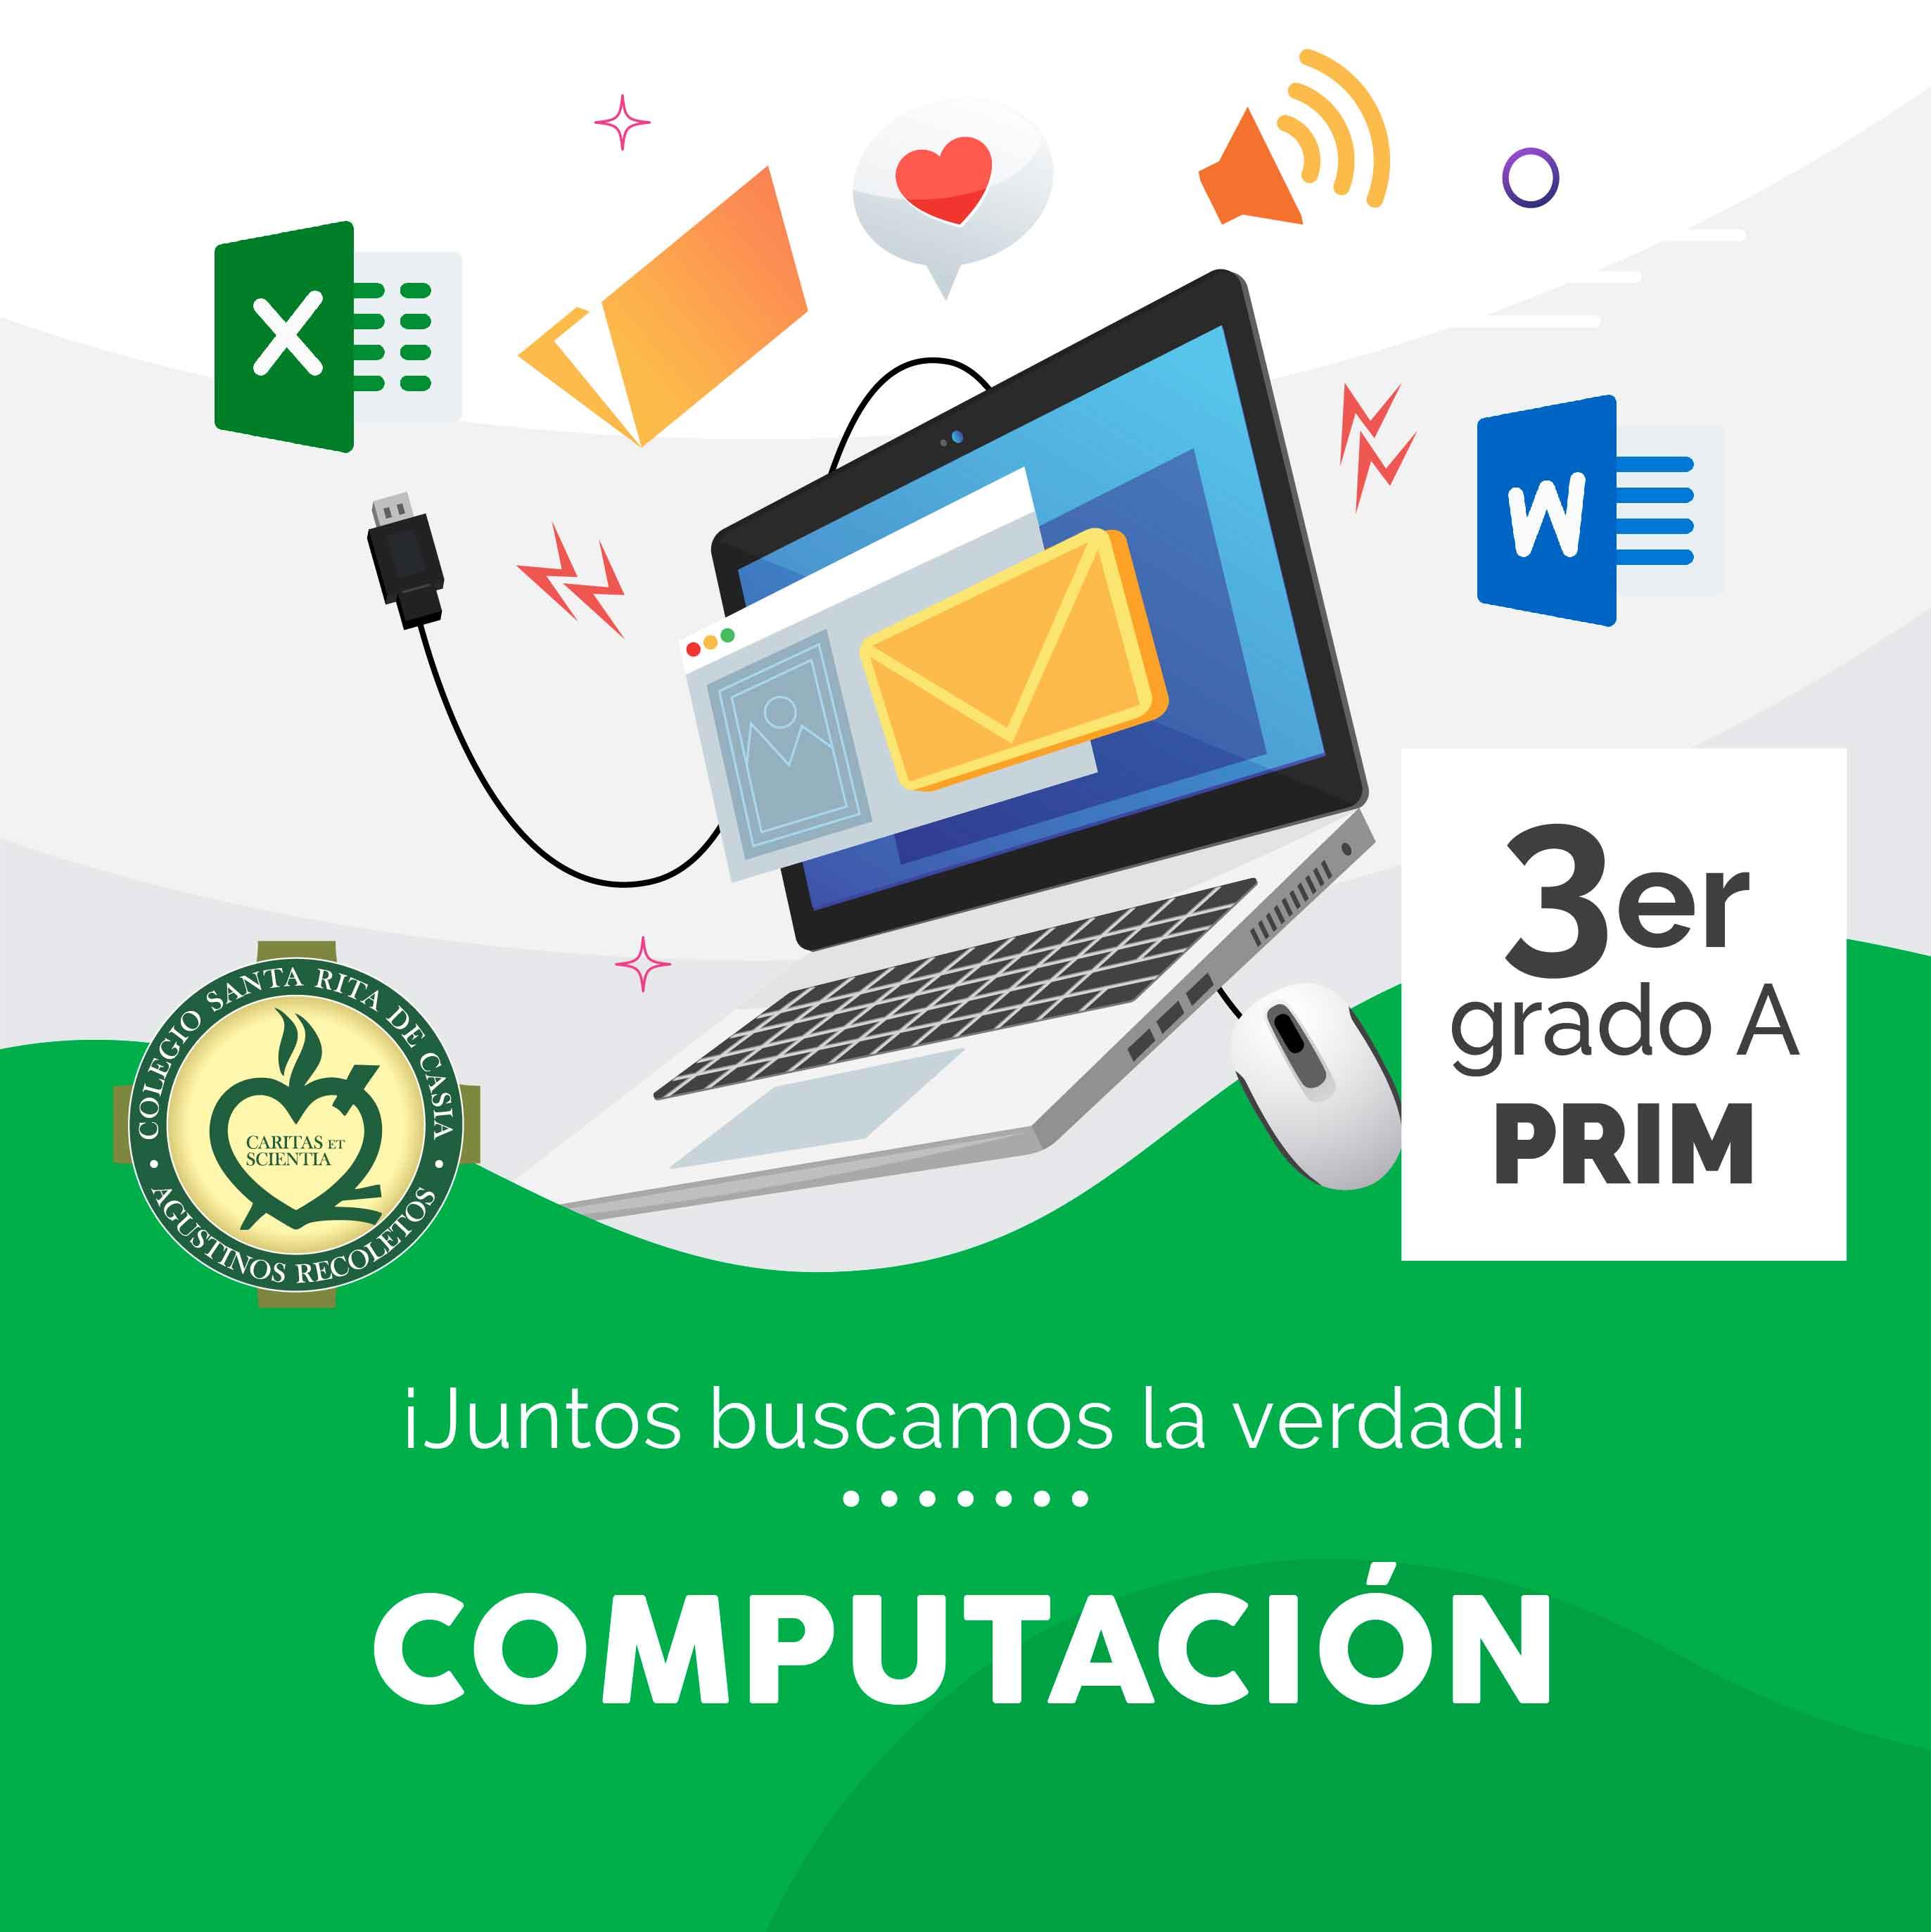 Computación 3er Grado A